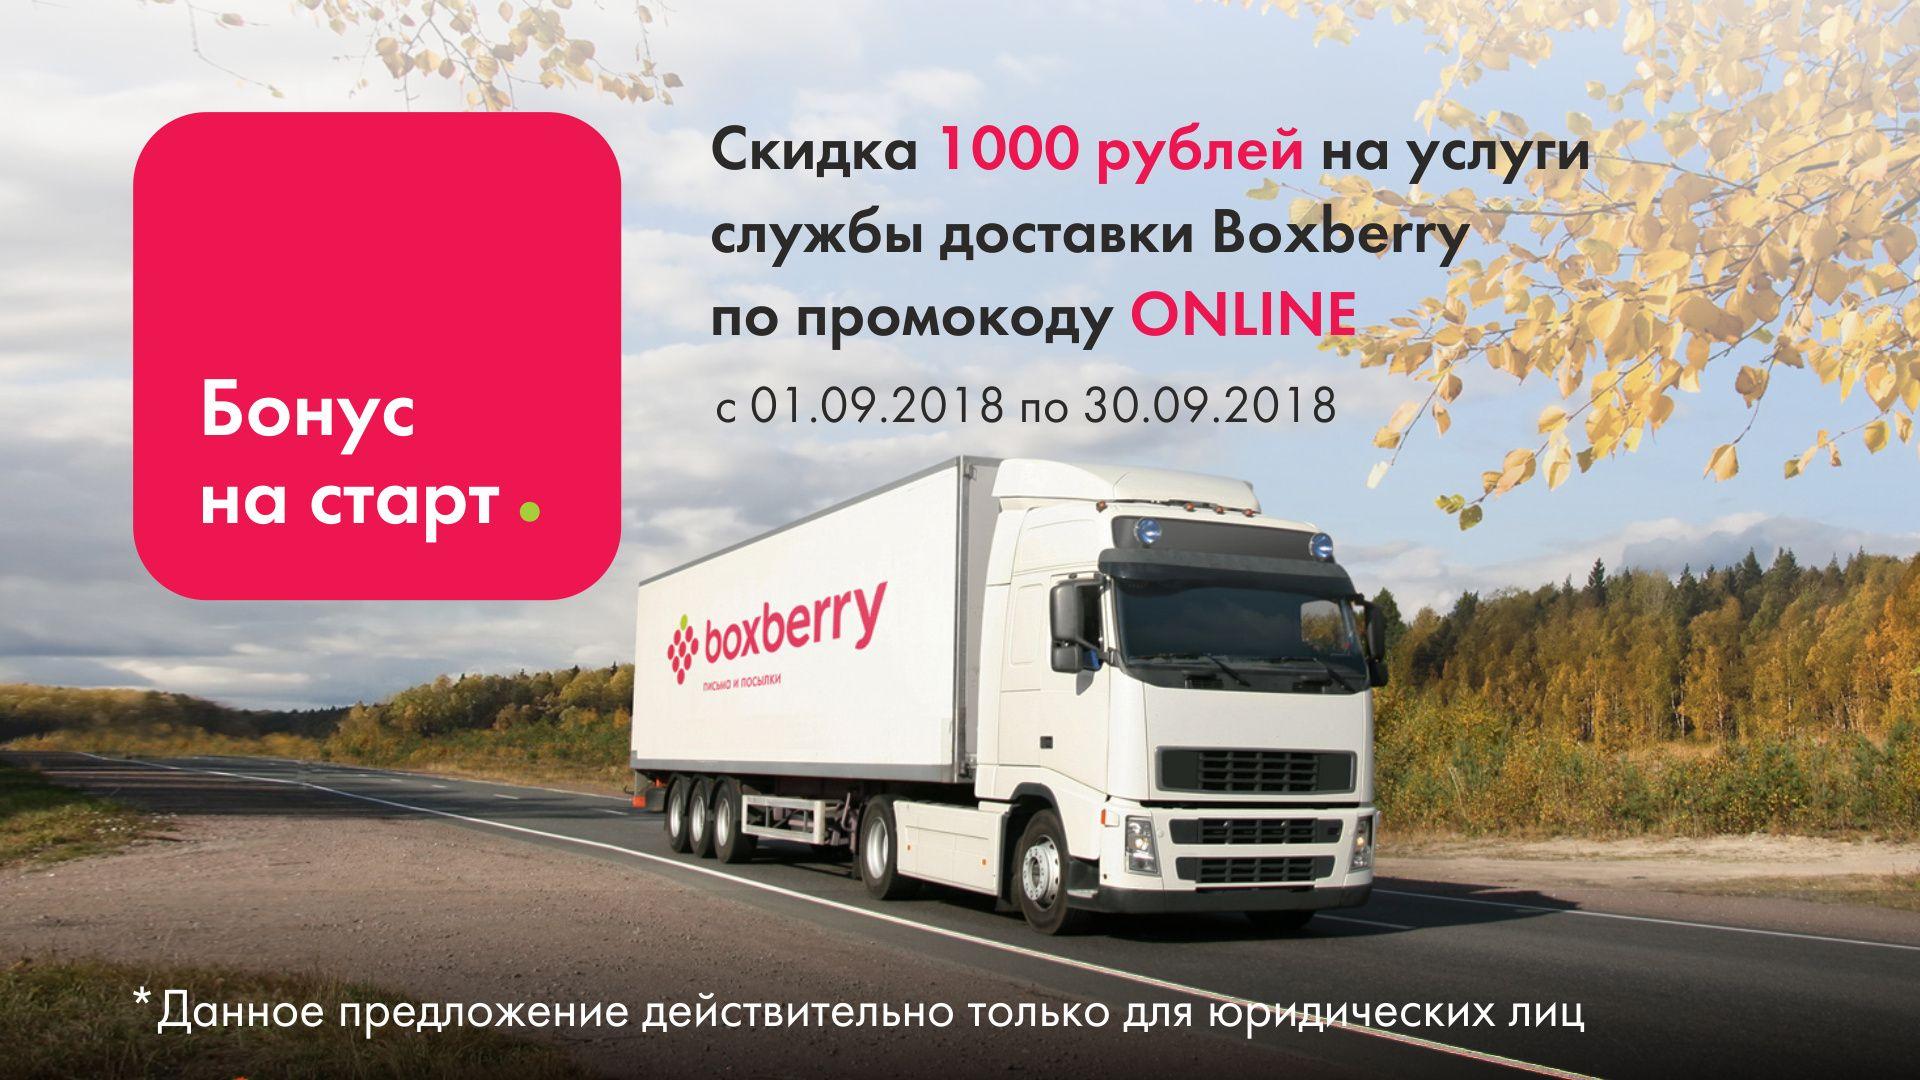 Служба доставки для e-commerce Ставрополя: новые возможности и рост продаж